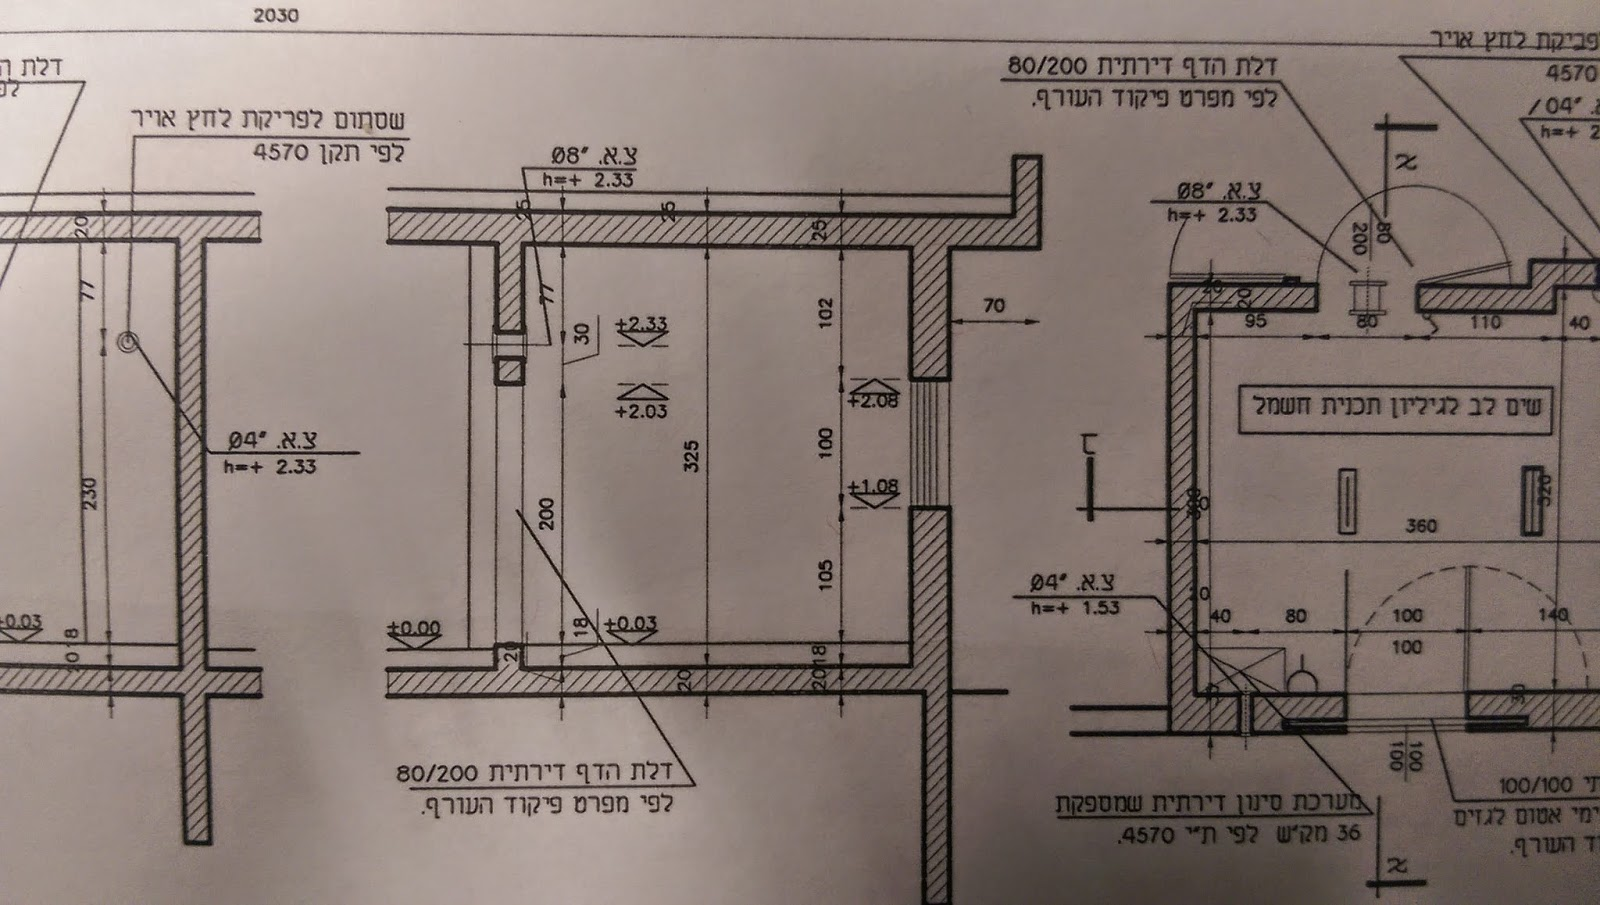 בניית בית פרטי - חתך צד של ממד